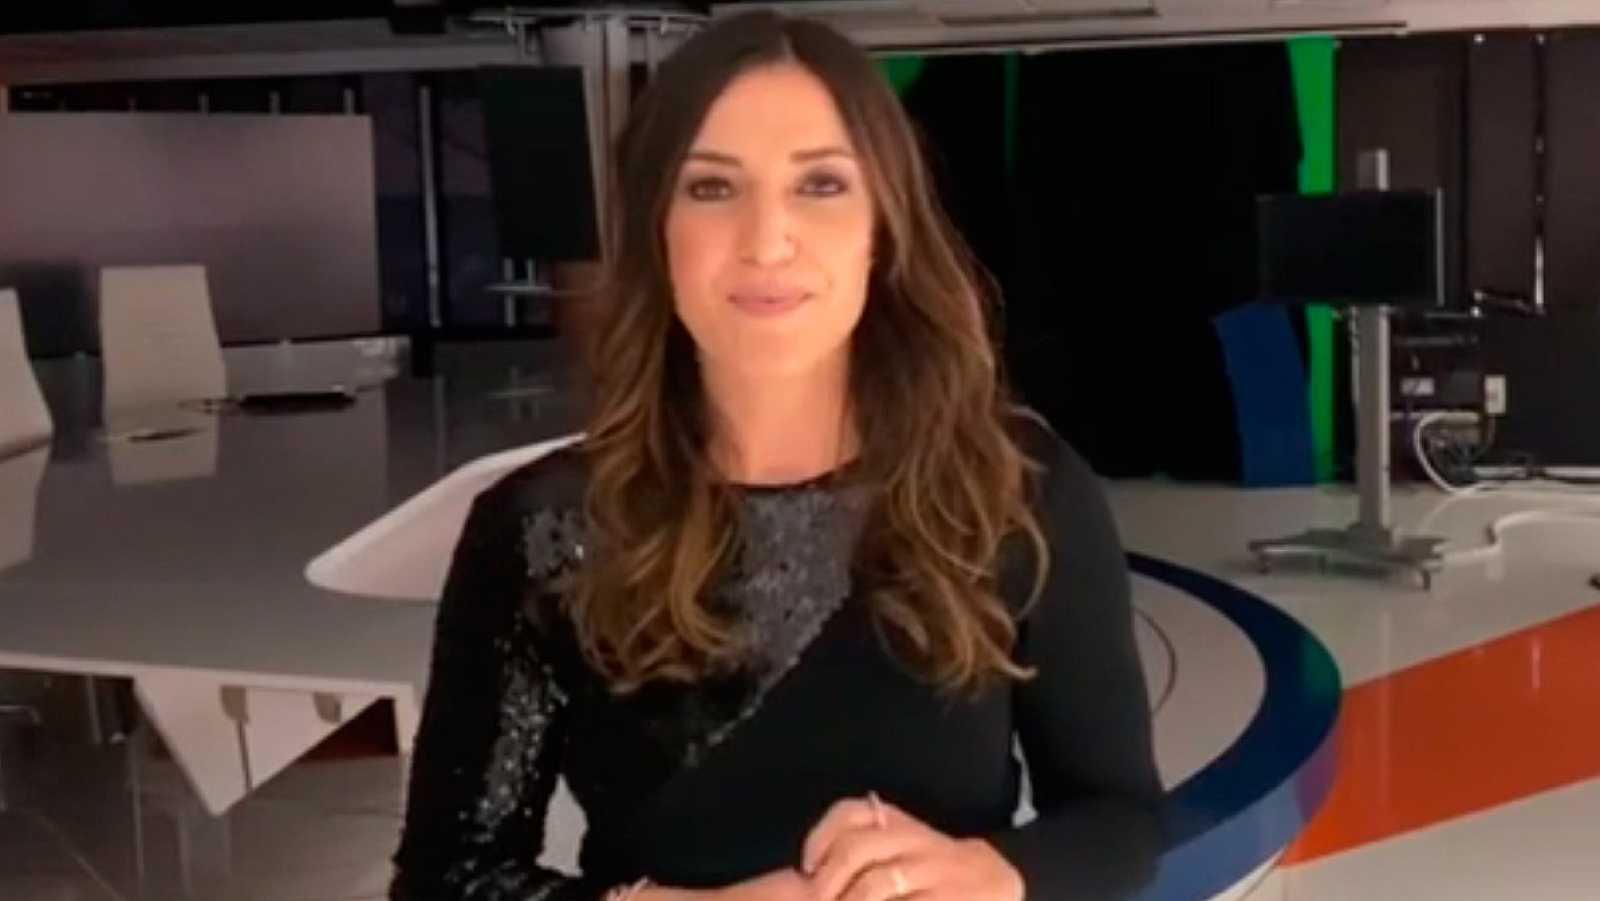 La exjugadora y comentarista de TVE, Eli Pinedo, analiza la final del Mundial de balonmano que acabó victoria de Holanda sobre España por 29-30.